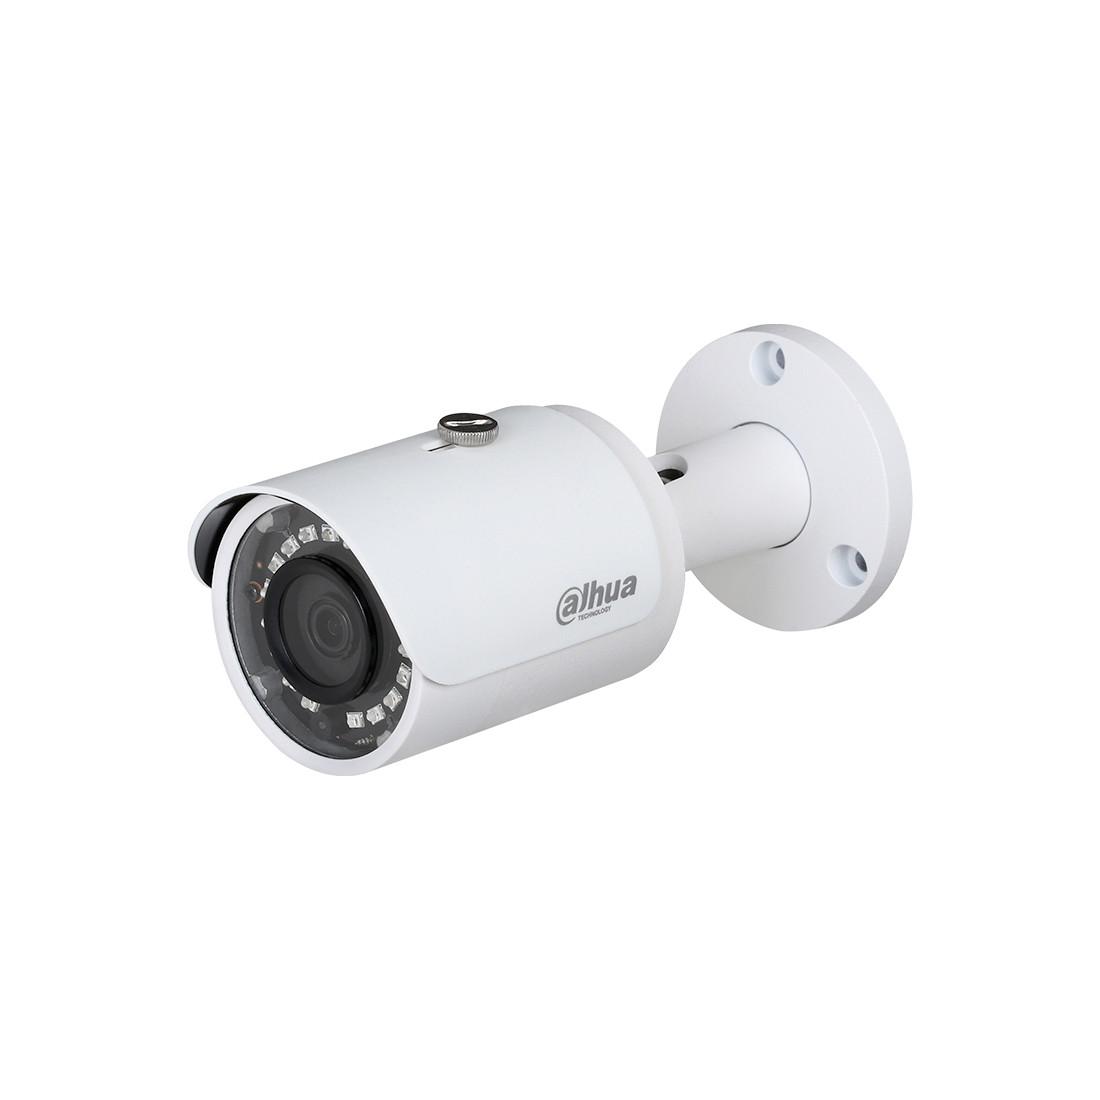 Цилиндрическая HDCVI камера Dahua DH-HAC-HFW1000SP-0360B-S3